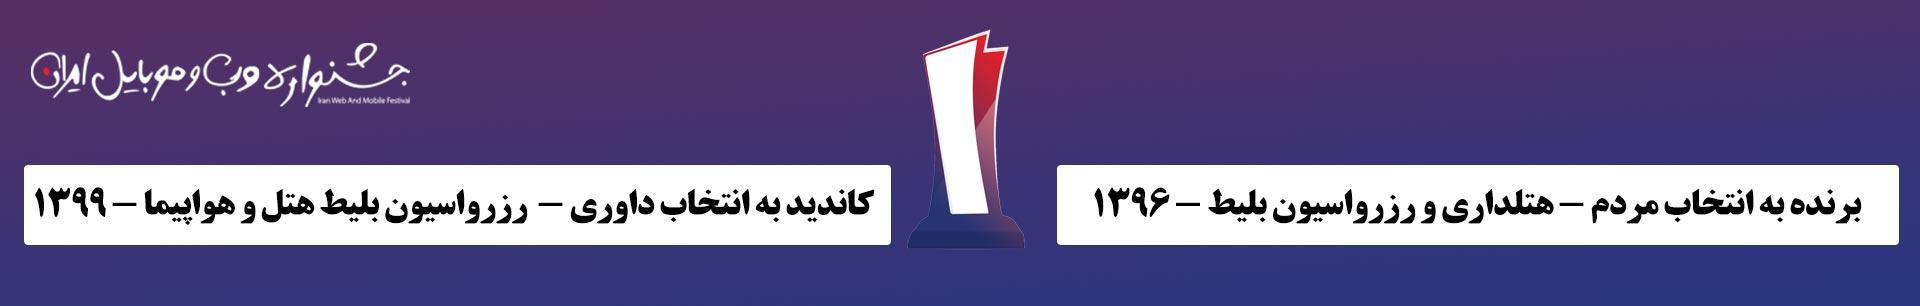 با انتخاب شما در جشنواره وب ایران برنده شدیم